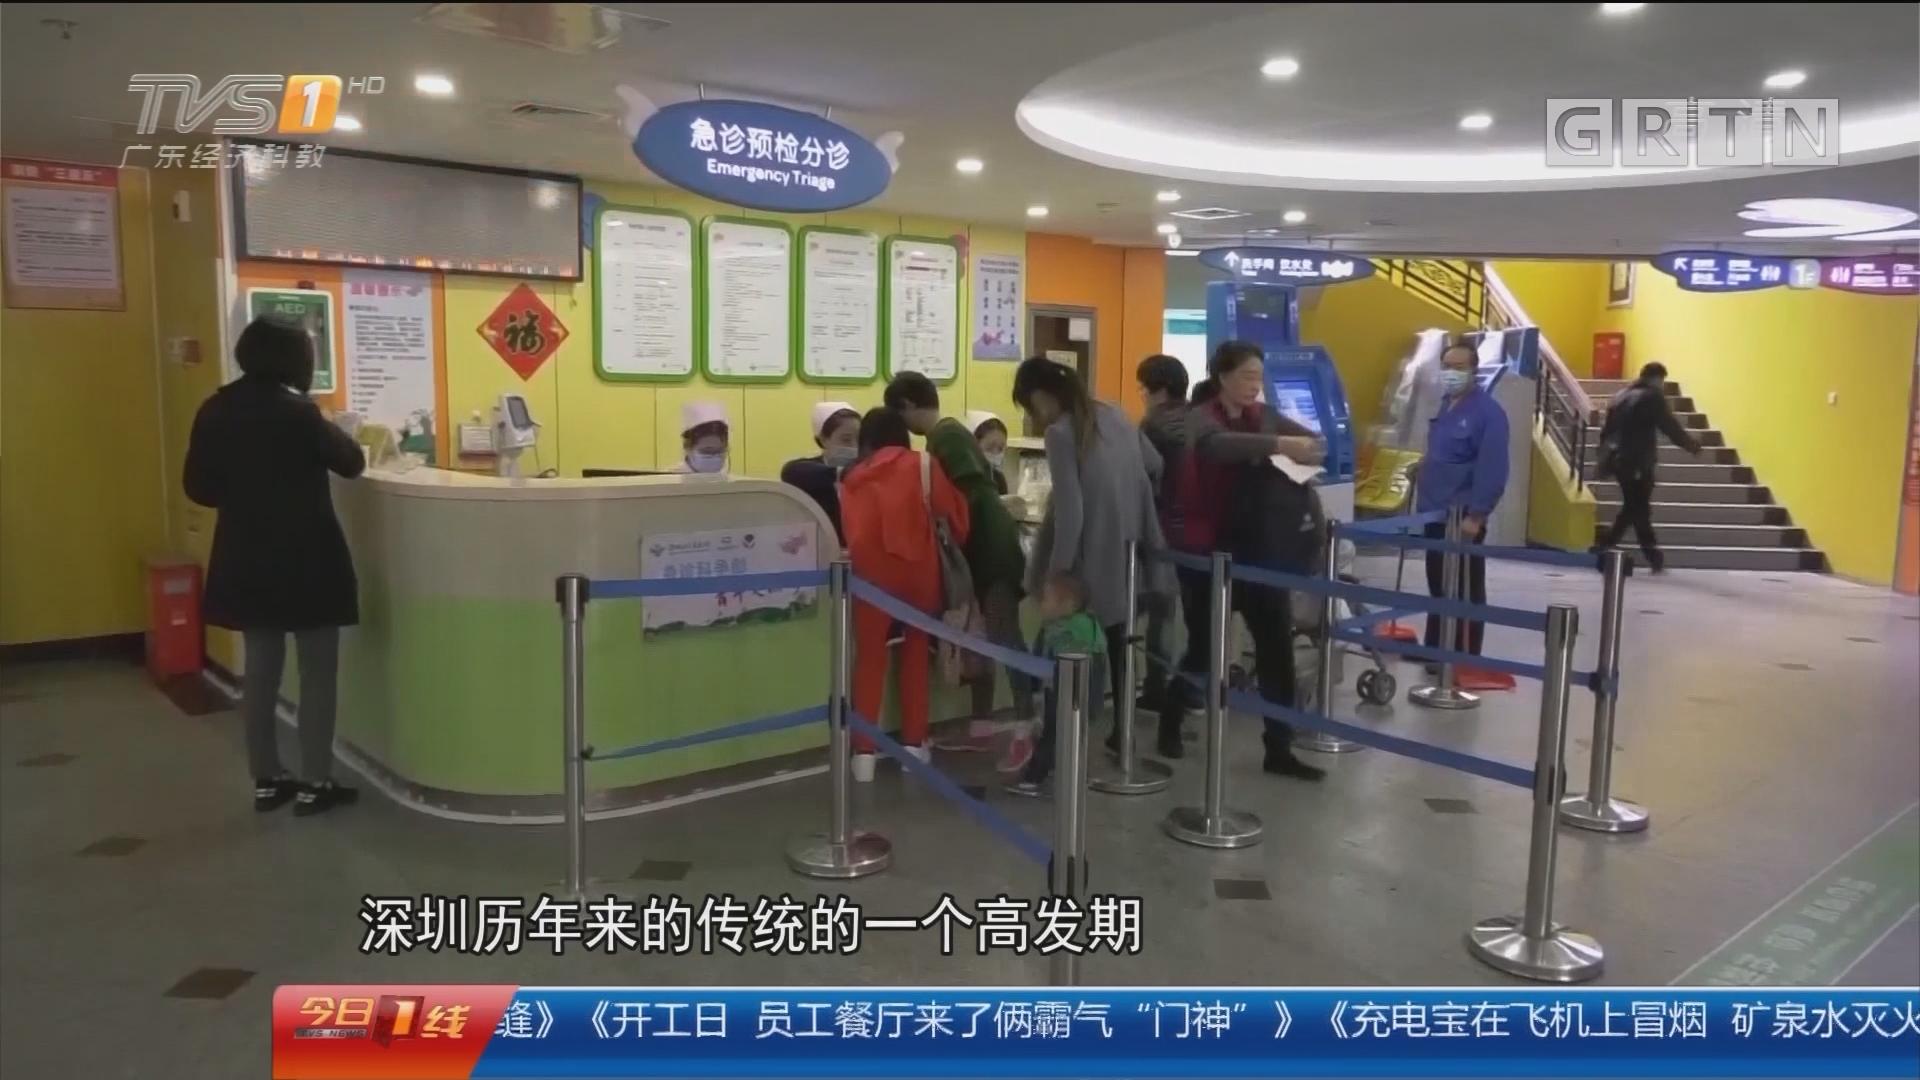 深圳疾控中心监测:仍处流感流行期 活跃水平呈下降趋势